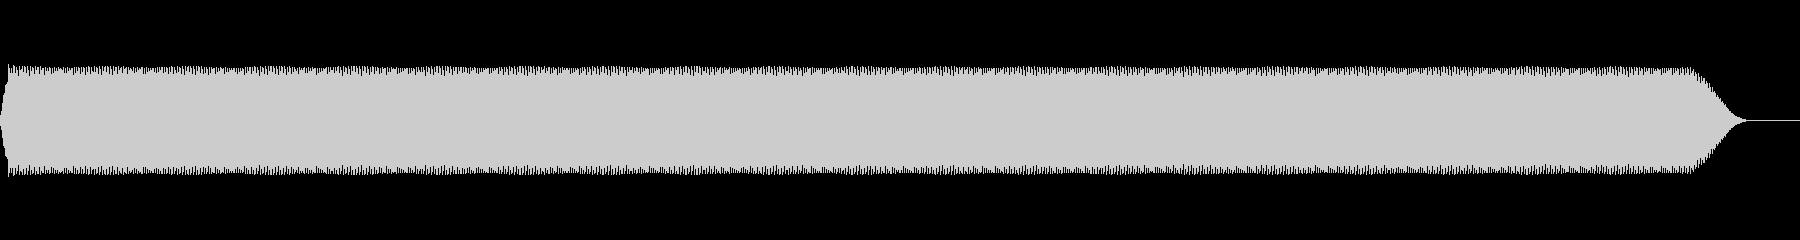 ビー(ビーム、光線、電話、ファミコン)の未再生の波形